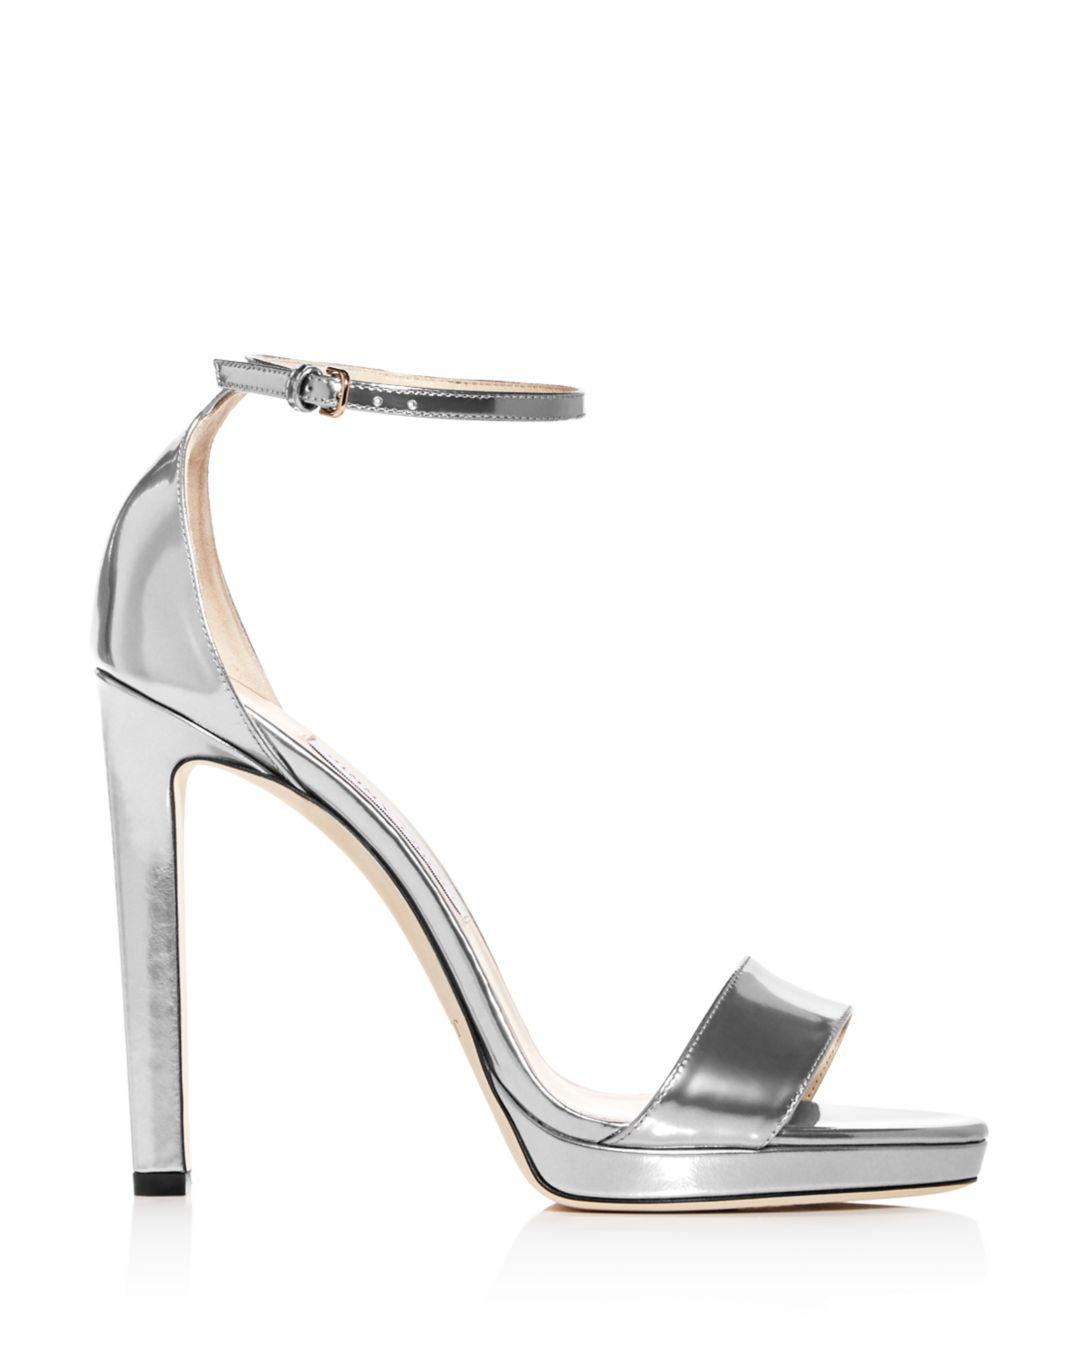 64a6cd16c74 Lyst - Jimmy Choo Women s Misty 120 Ankle Strap High-heel Sandals in  Metallic